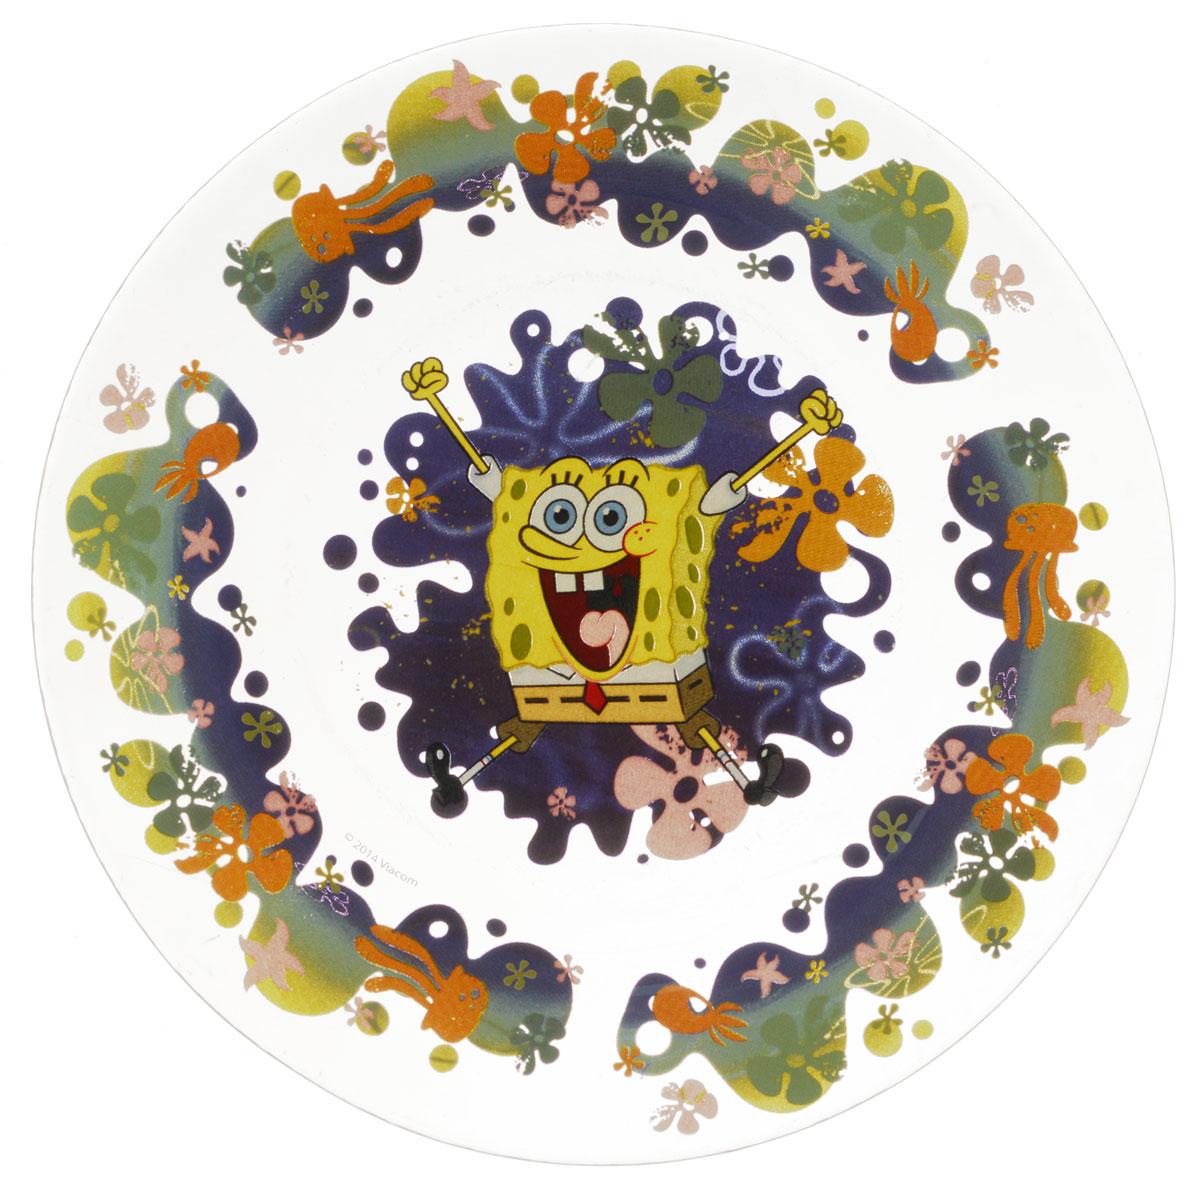 Губка Боб Тарелка детская Водный мир диаметр 19,5 смГБТ195-2Яркая тарелка Губка Боб Водный мир идеально подойдет для кормления малыша и самостоятельного приема им пищи. Тарелка выполнена из стекла и оформлена высококачественным изображением героя мультфильма Губка Боб. Такой подарок станет не только приятным, но и практичным сувениром, добавит ярких эмоций вашему ребенку! Можно использовать в посудомоечной машине.